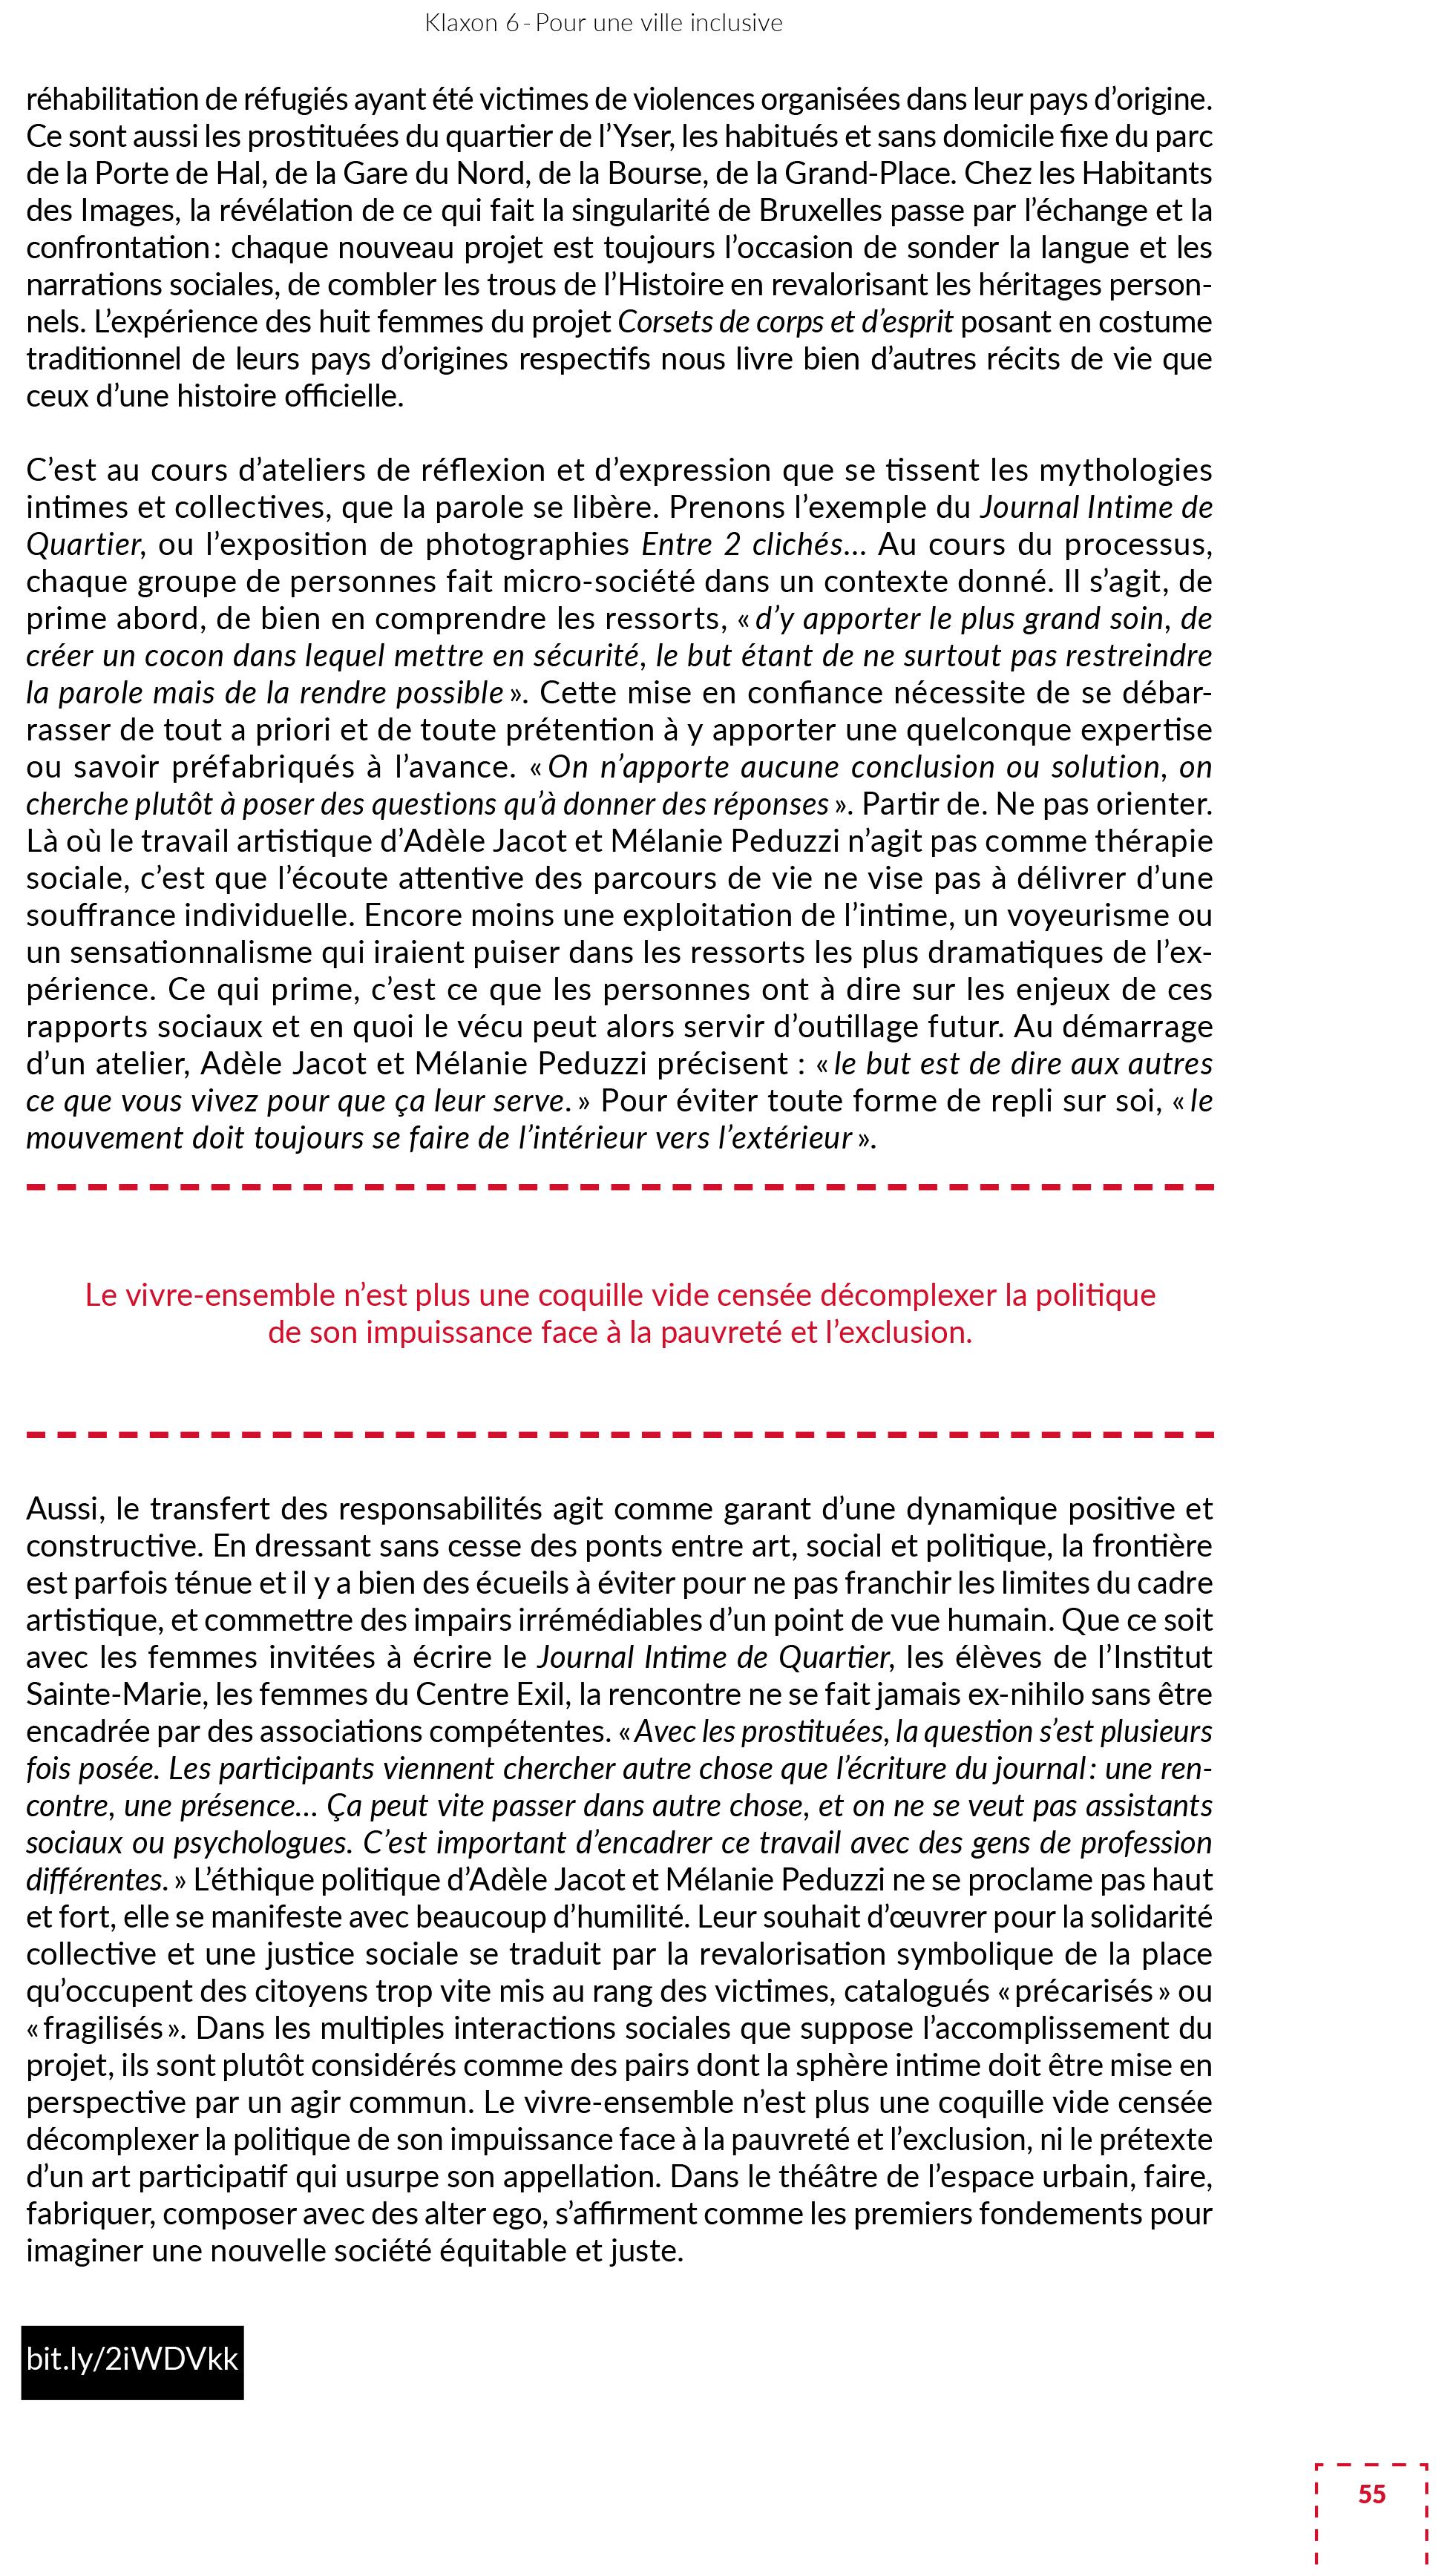 pourunevilleinclusive-pdf_0 (glissé(e)s) 2